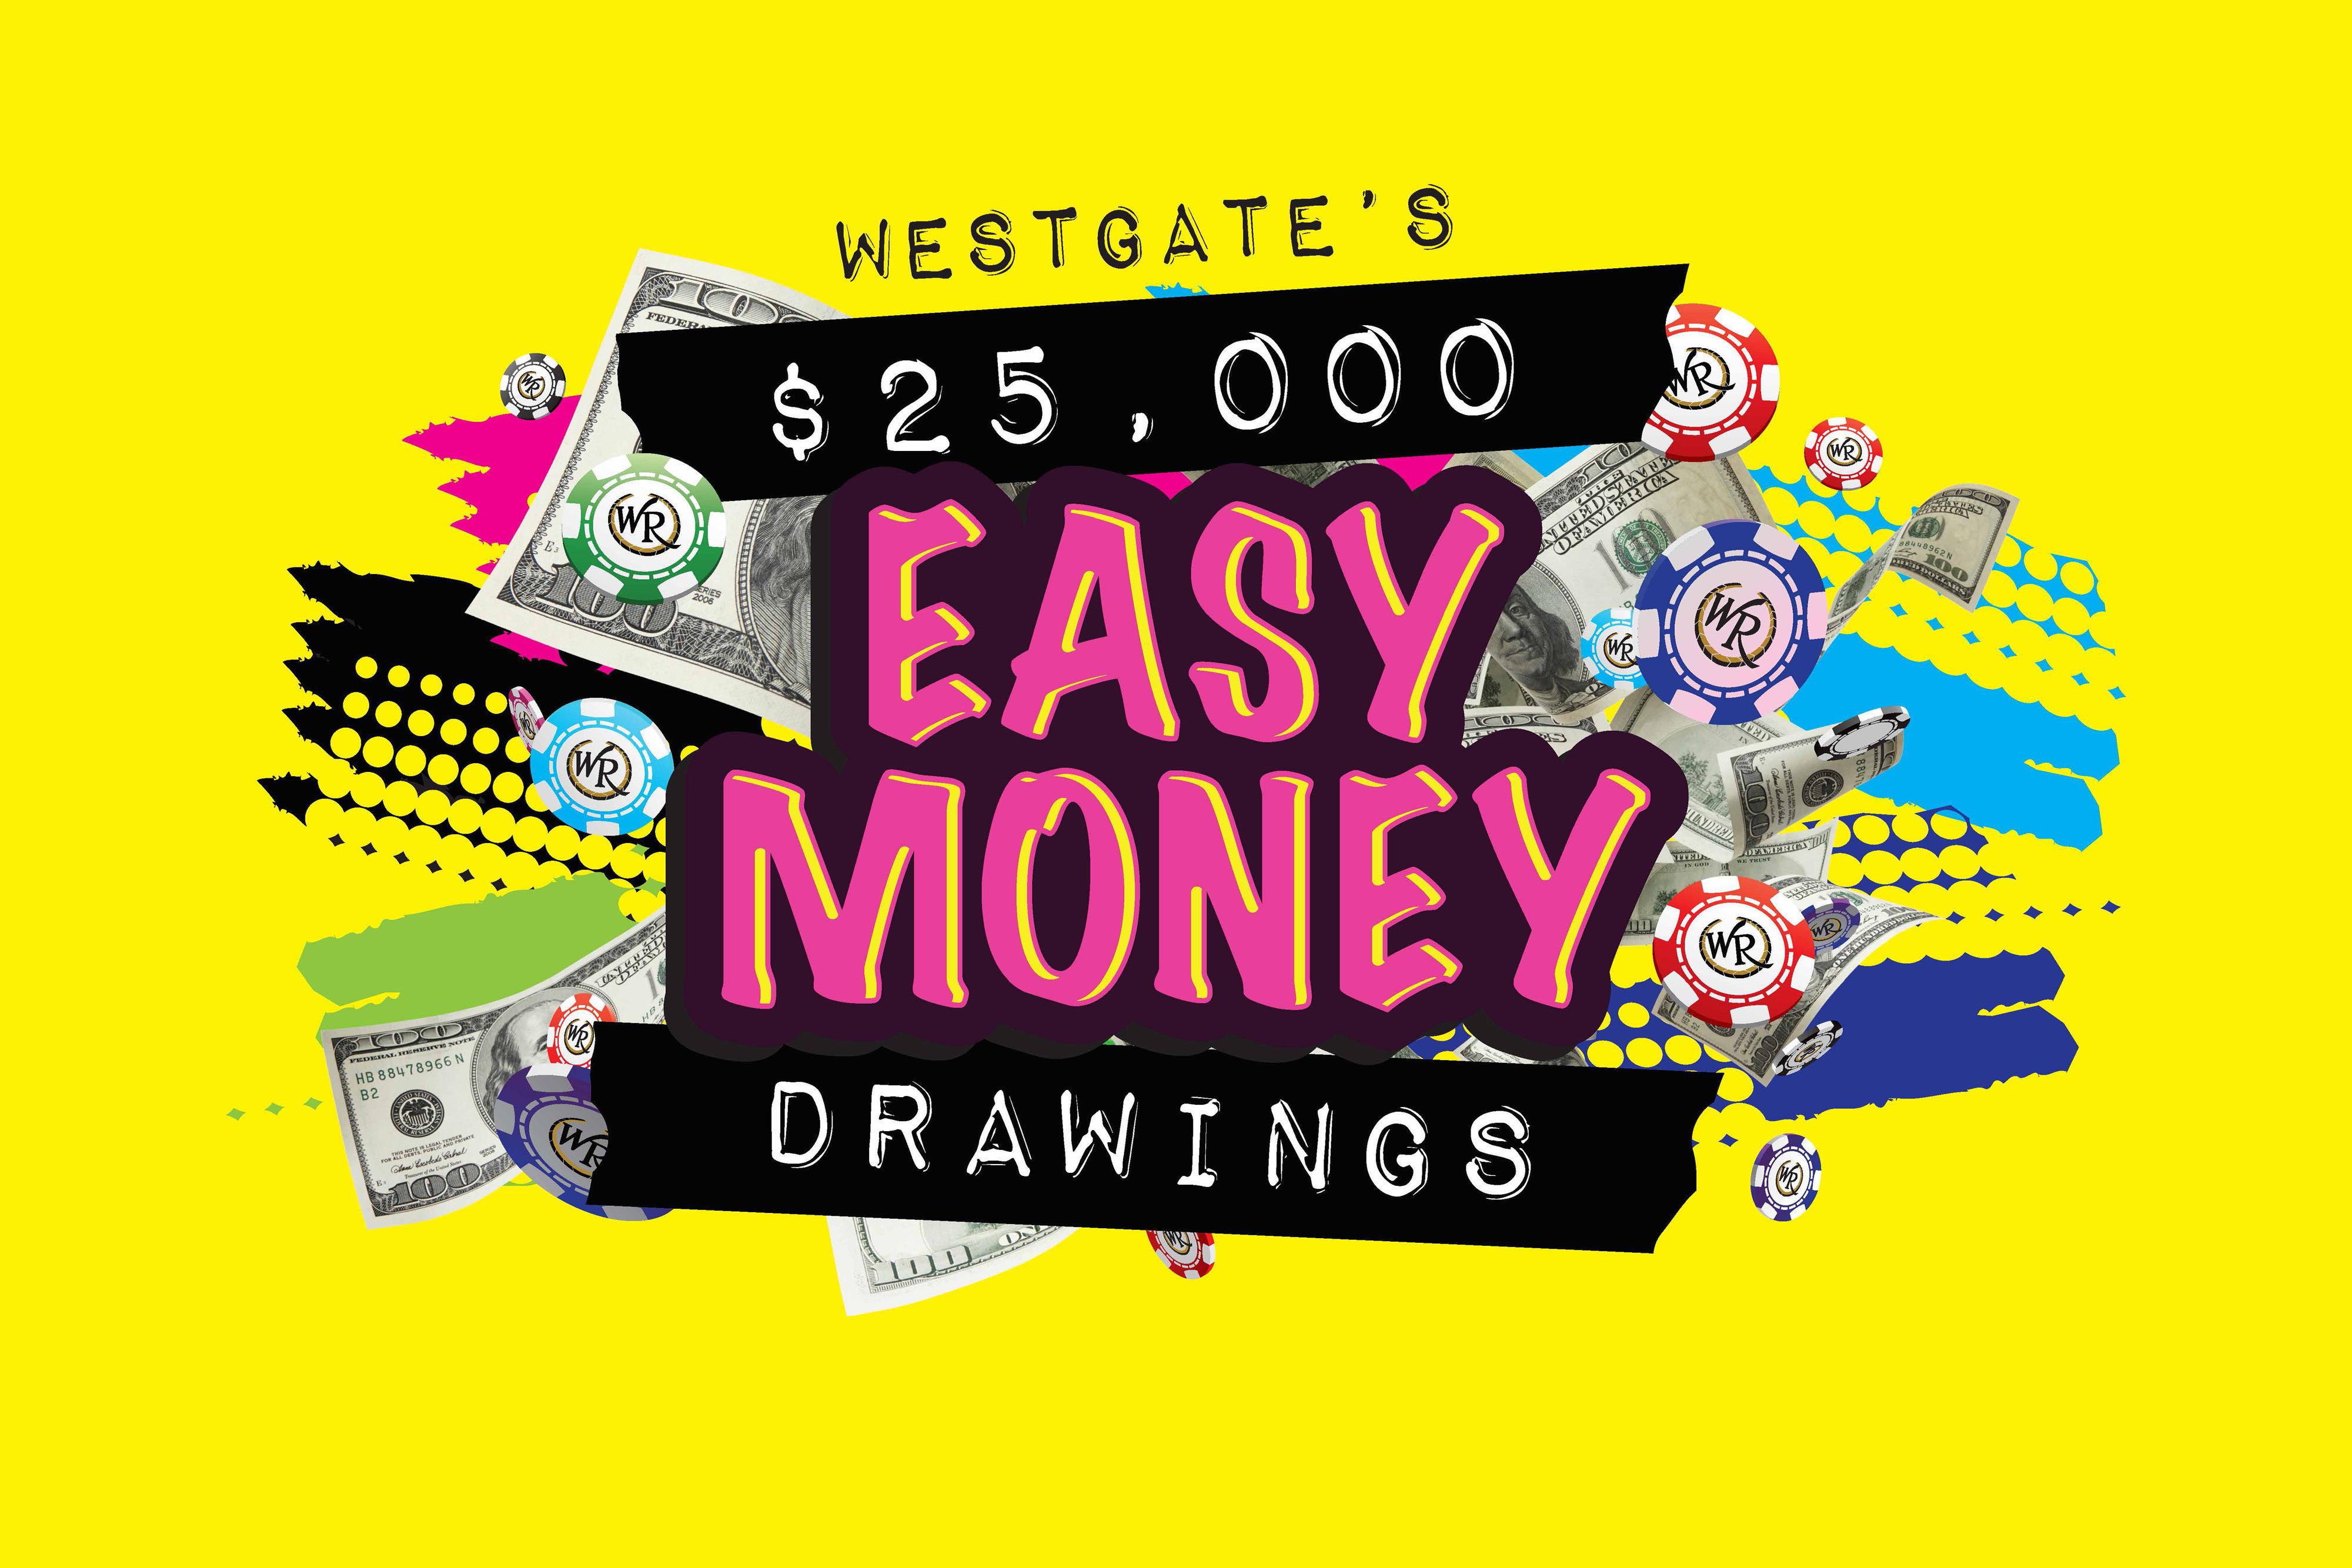 Easy Money Drawings